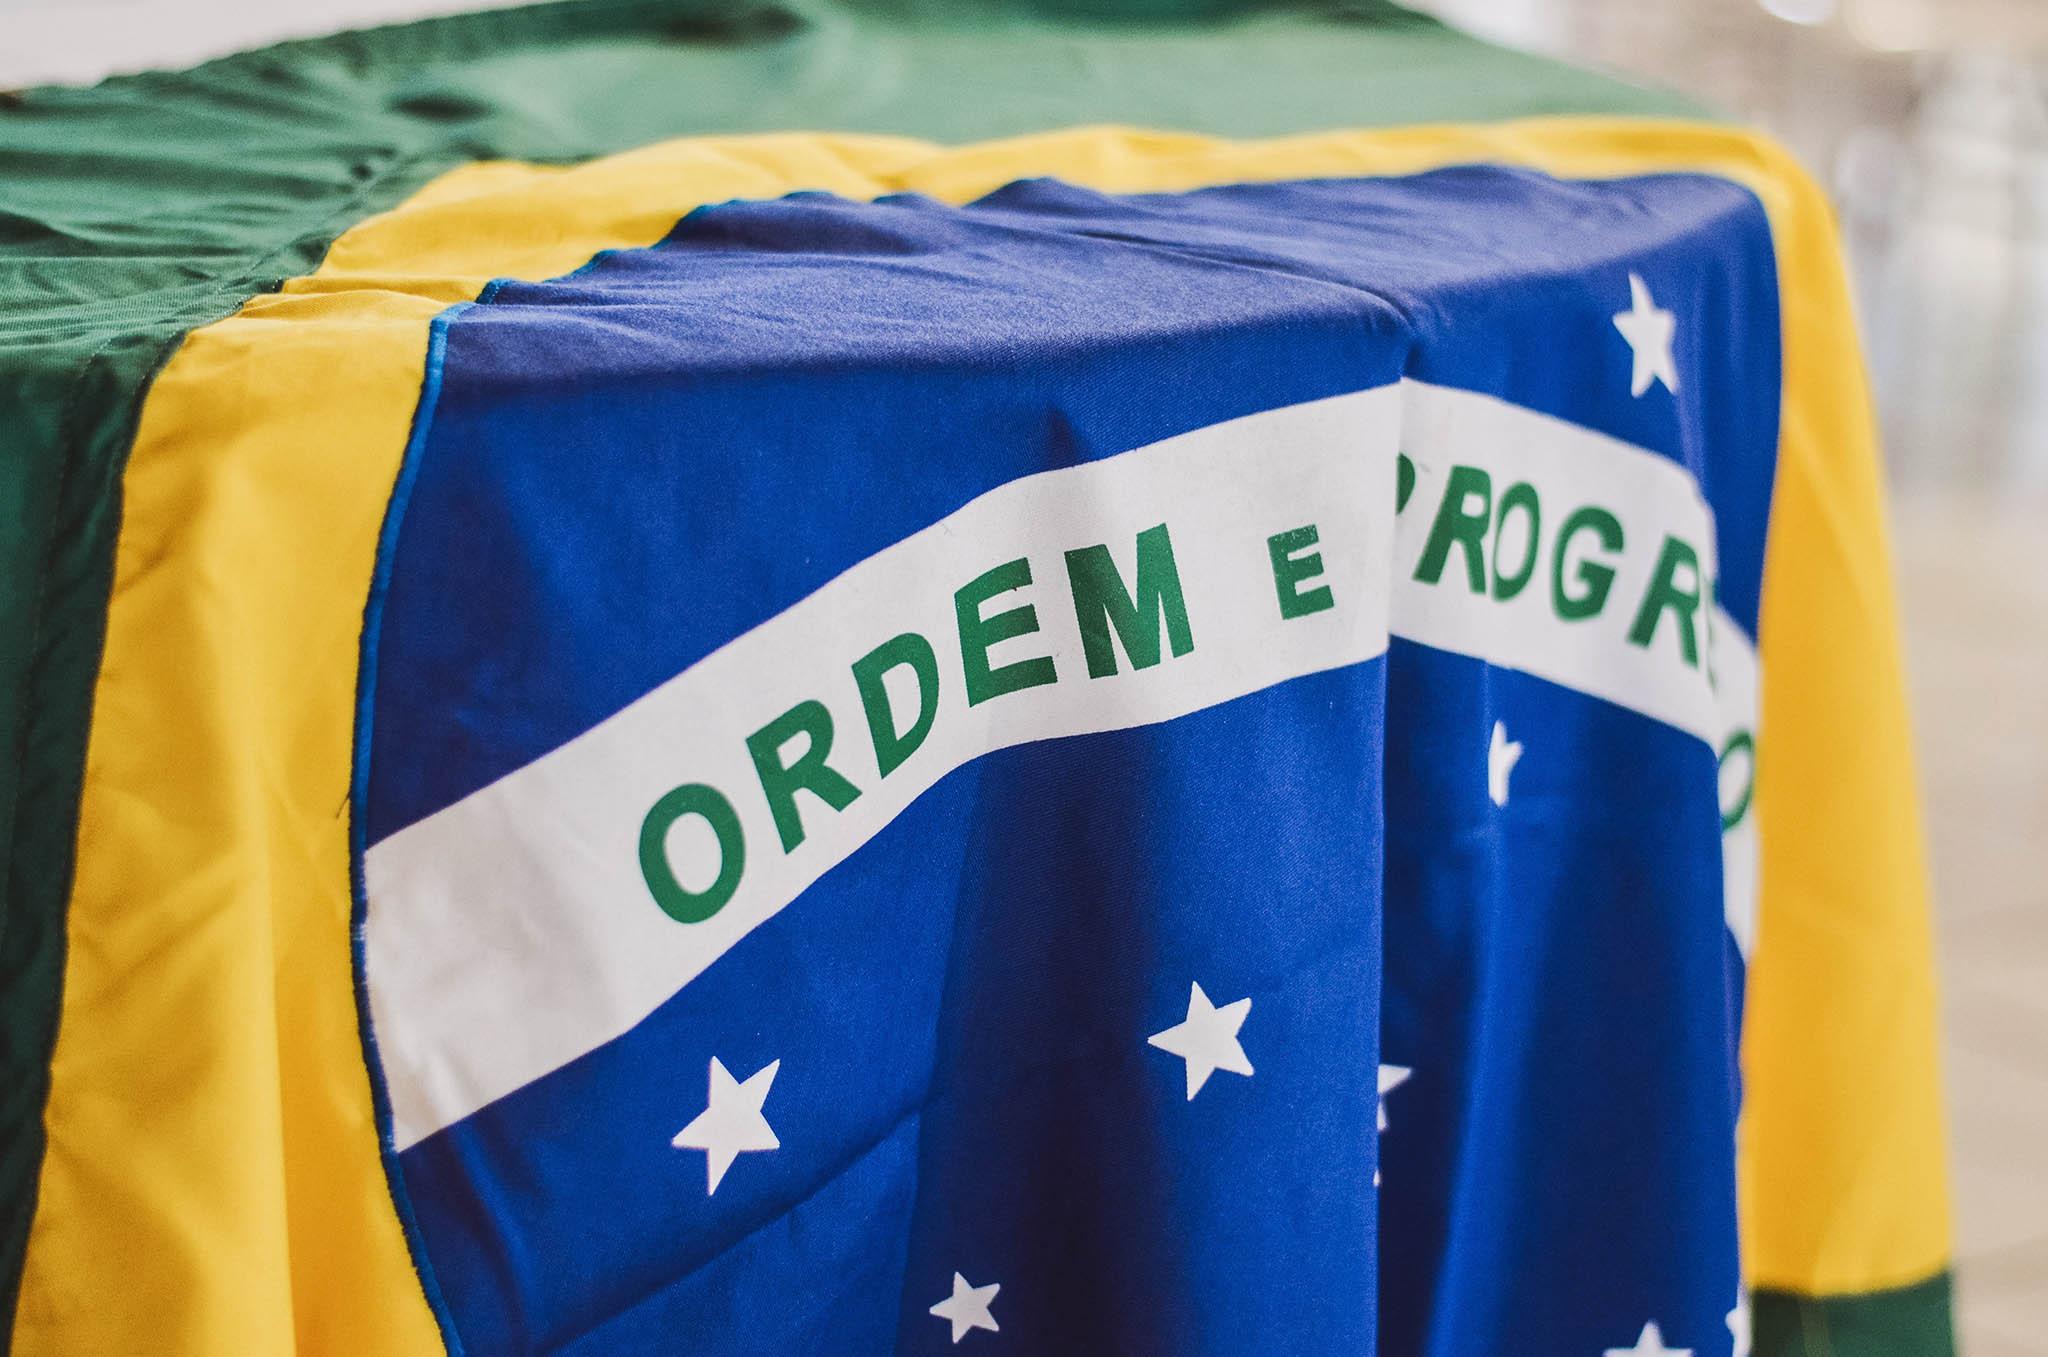 Brasil/Eleições: No centro do poder, eleitores querem mudança